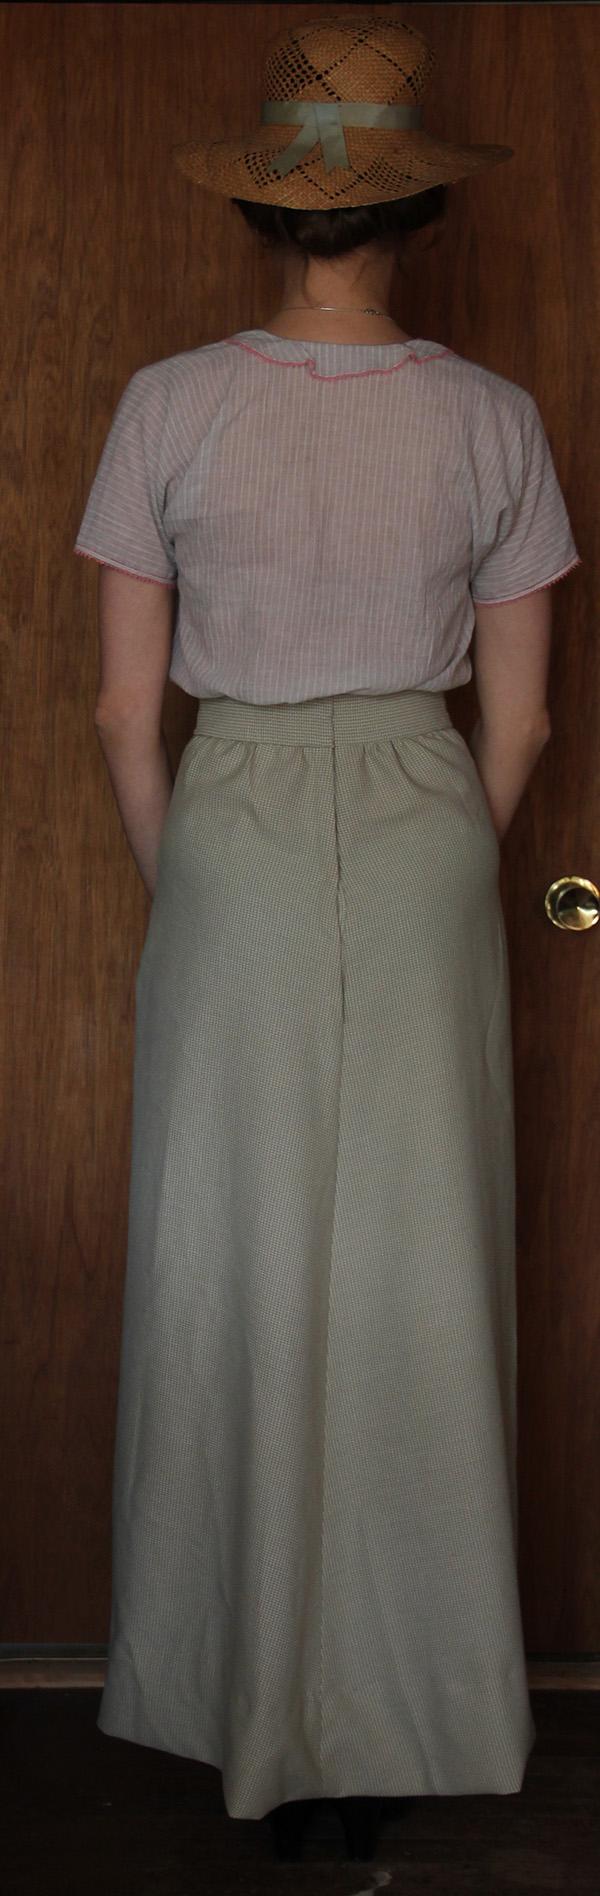 1913 skirt back